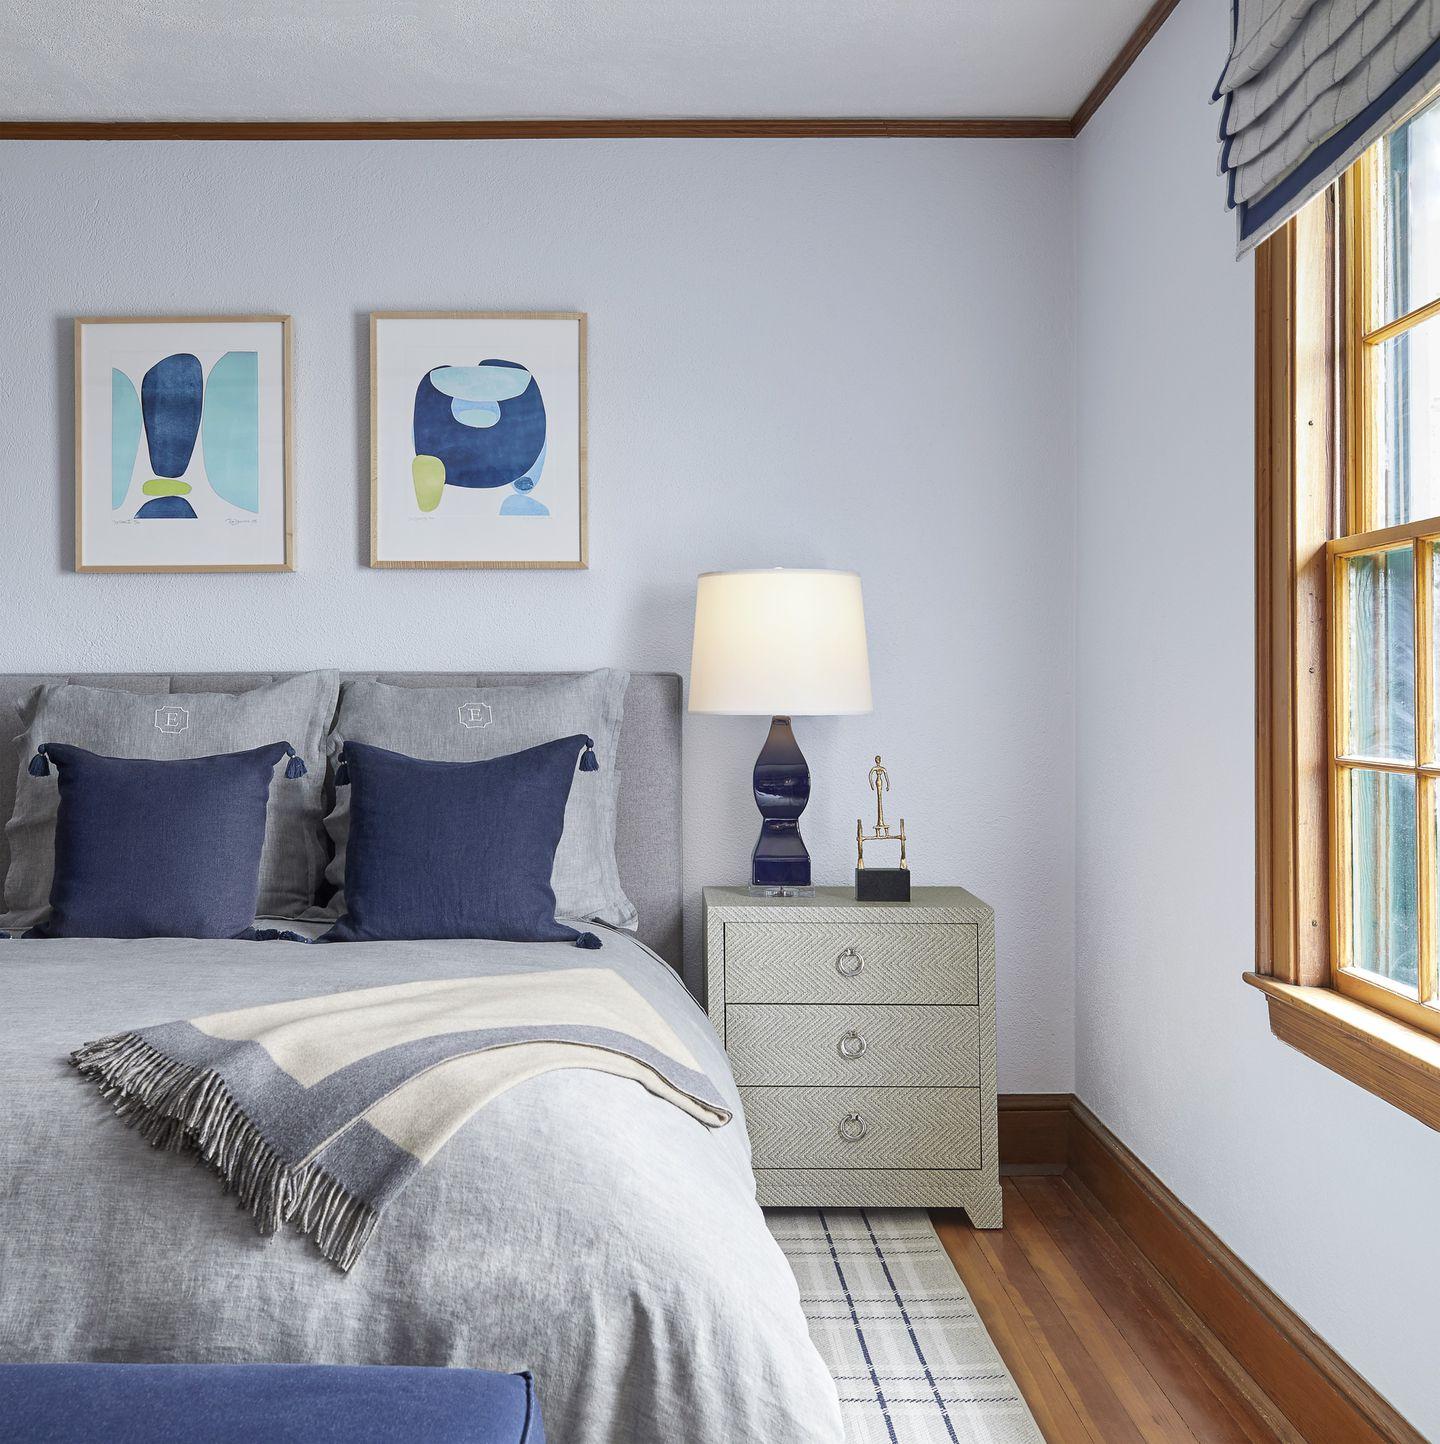 eastholm-emily-gilbert-bedroom-5